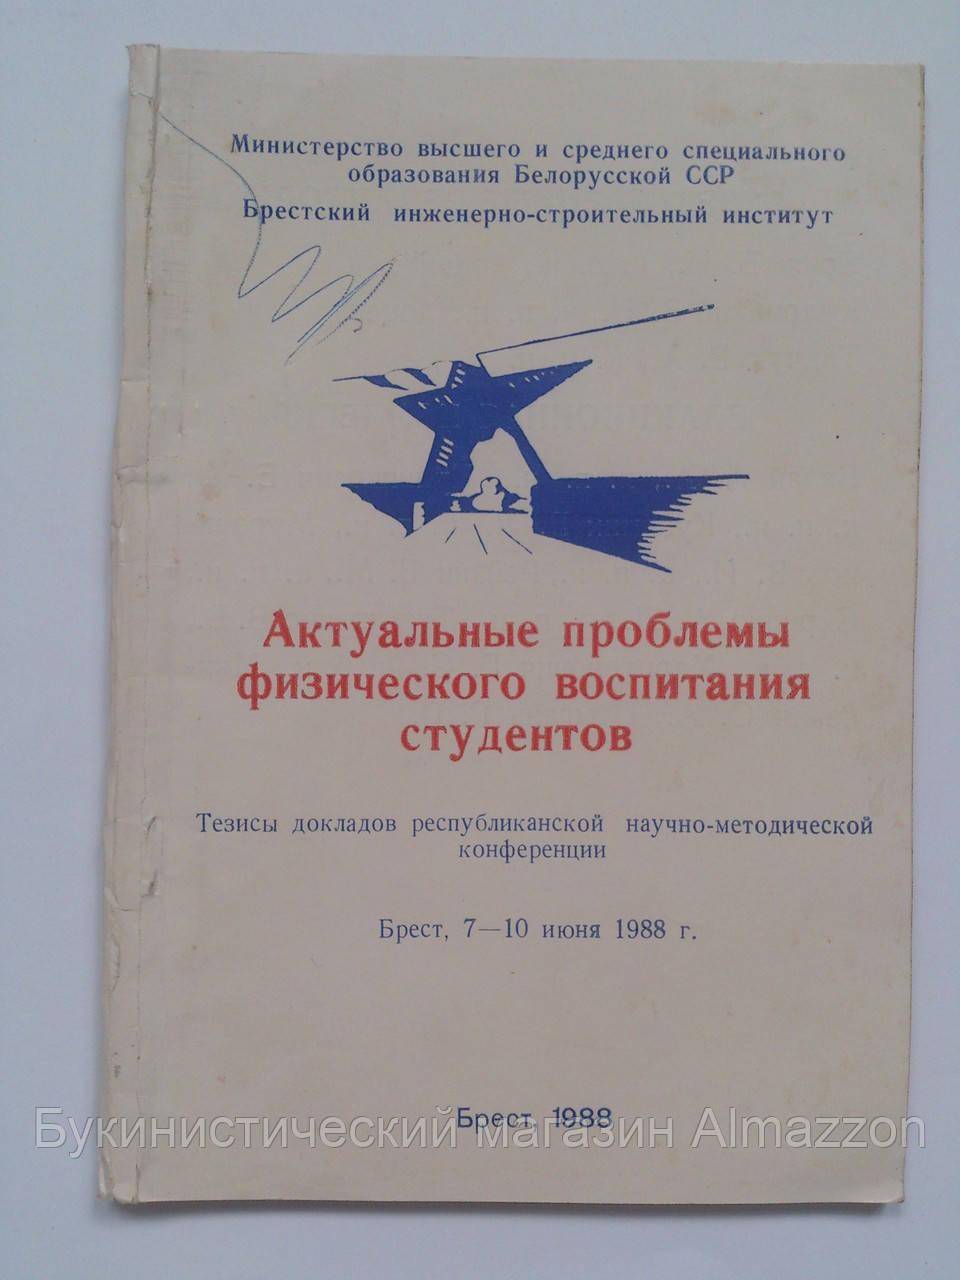 Актуальные проблемы физического воспитания студентов. 1988 год